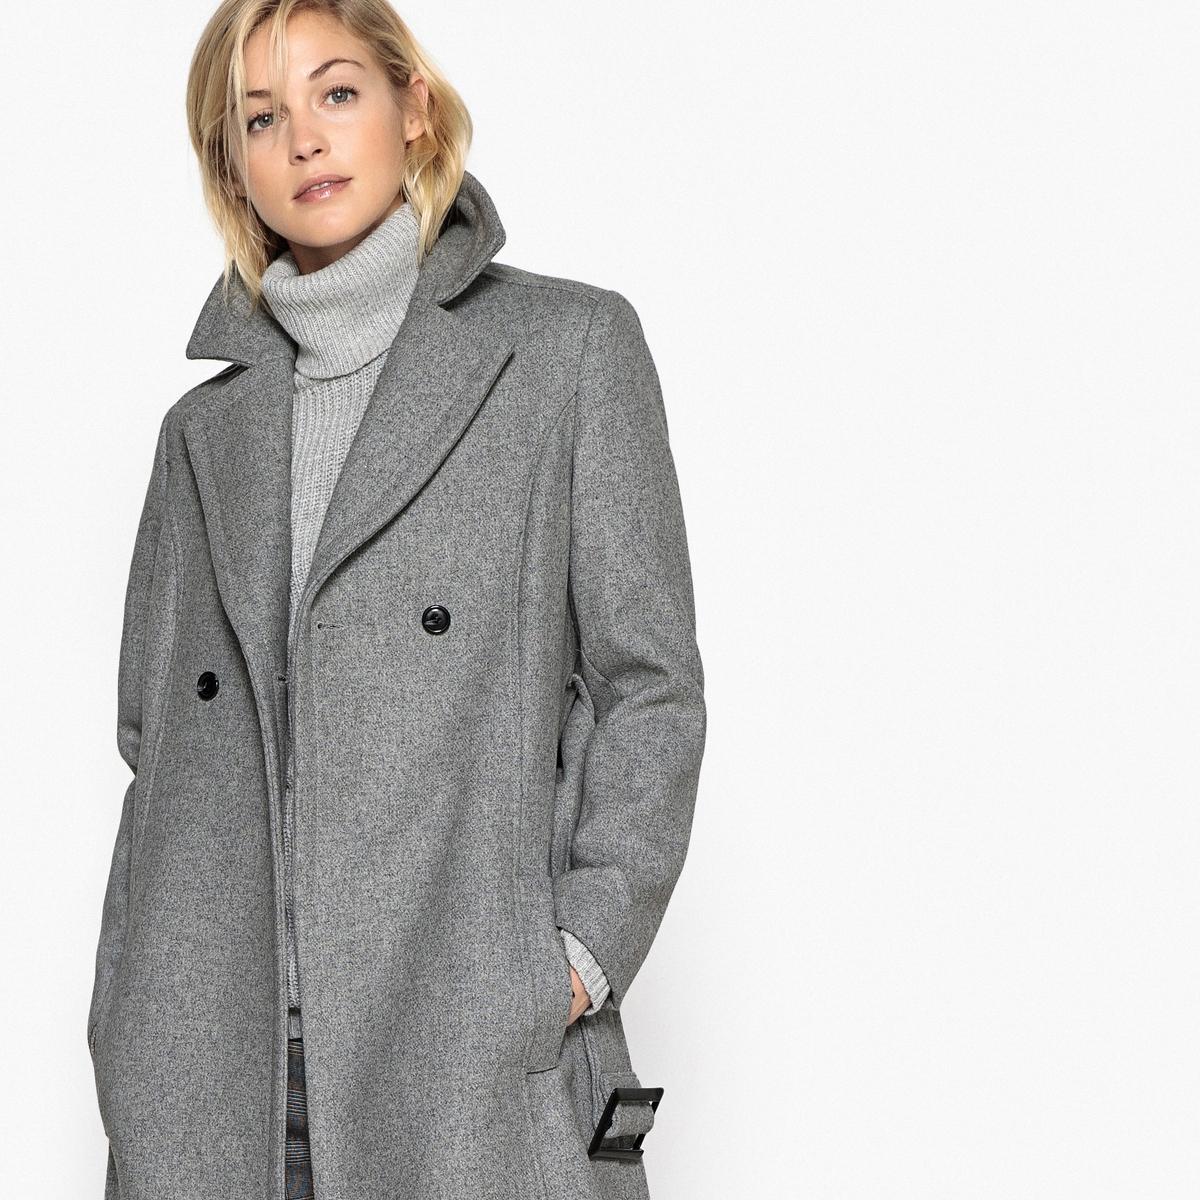 Пальто длинное с поясомОписание:Это пальто приталенного покроя  с широким ремешком и красивой длиной невероятно элегантно. Идеальное длинное пальто!Детали •  Длина : удлиненная модель •  Шалевый воротник • Застежка на пуговицыСостав и уход •  50% шерсти, 50% других волокон •  Подкладка : 100% полиэстер • Не стирать •  Деликатная чистка/без отбеливателей •  Не использовать барабанную сушку  •  Низкая температура глажки •  Длина : 120 см<br><br>Цвет: серый,темно-синий<br>Размер: 50 (FR) - 56 (RUS).48 (FR) - 54 (RUS).46 (FR) - 52 (RUS).34 (FR) - 40 (RUS).36 (FR) - 42 (RUS).46 (FR) - 52 (RUS).48 (FR) - 54 (RUS).42 (FR) - 48 (RUS).50 (FR) - 56 (RUS)